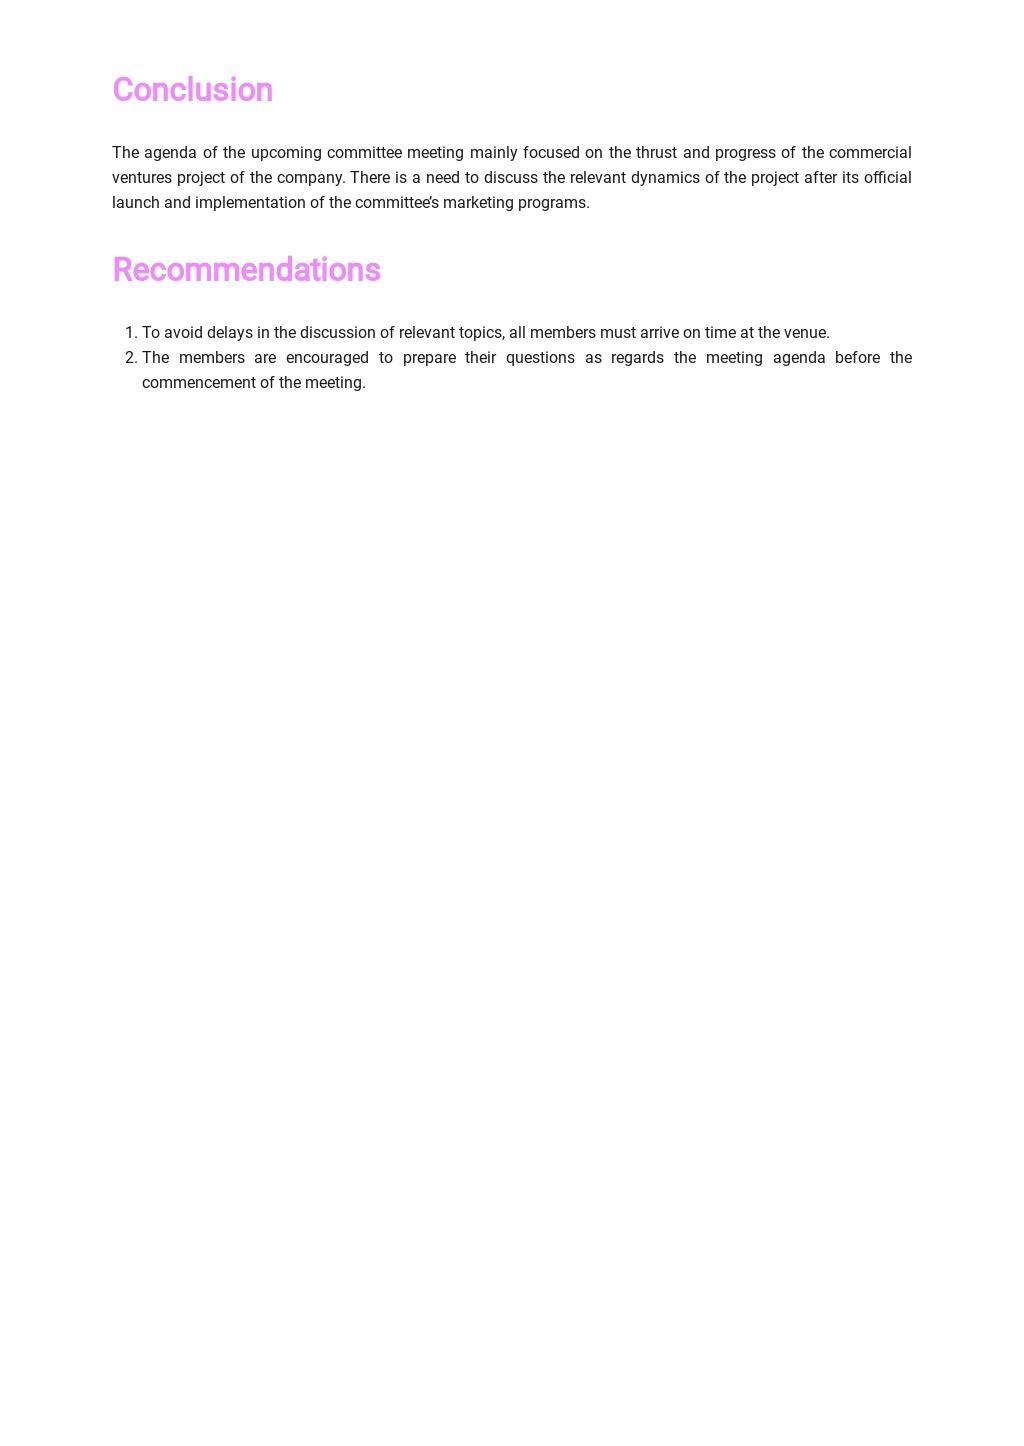 Meeting Agenda Report Template 3.jpe